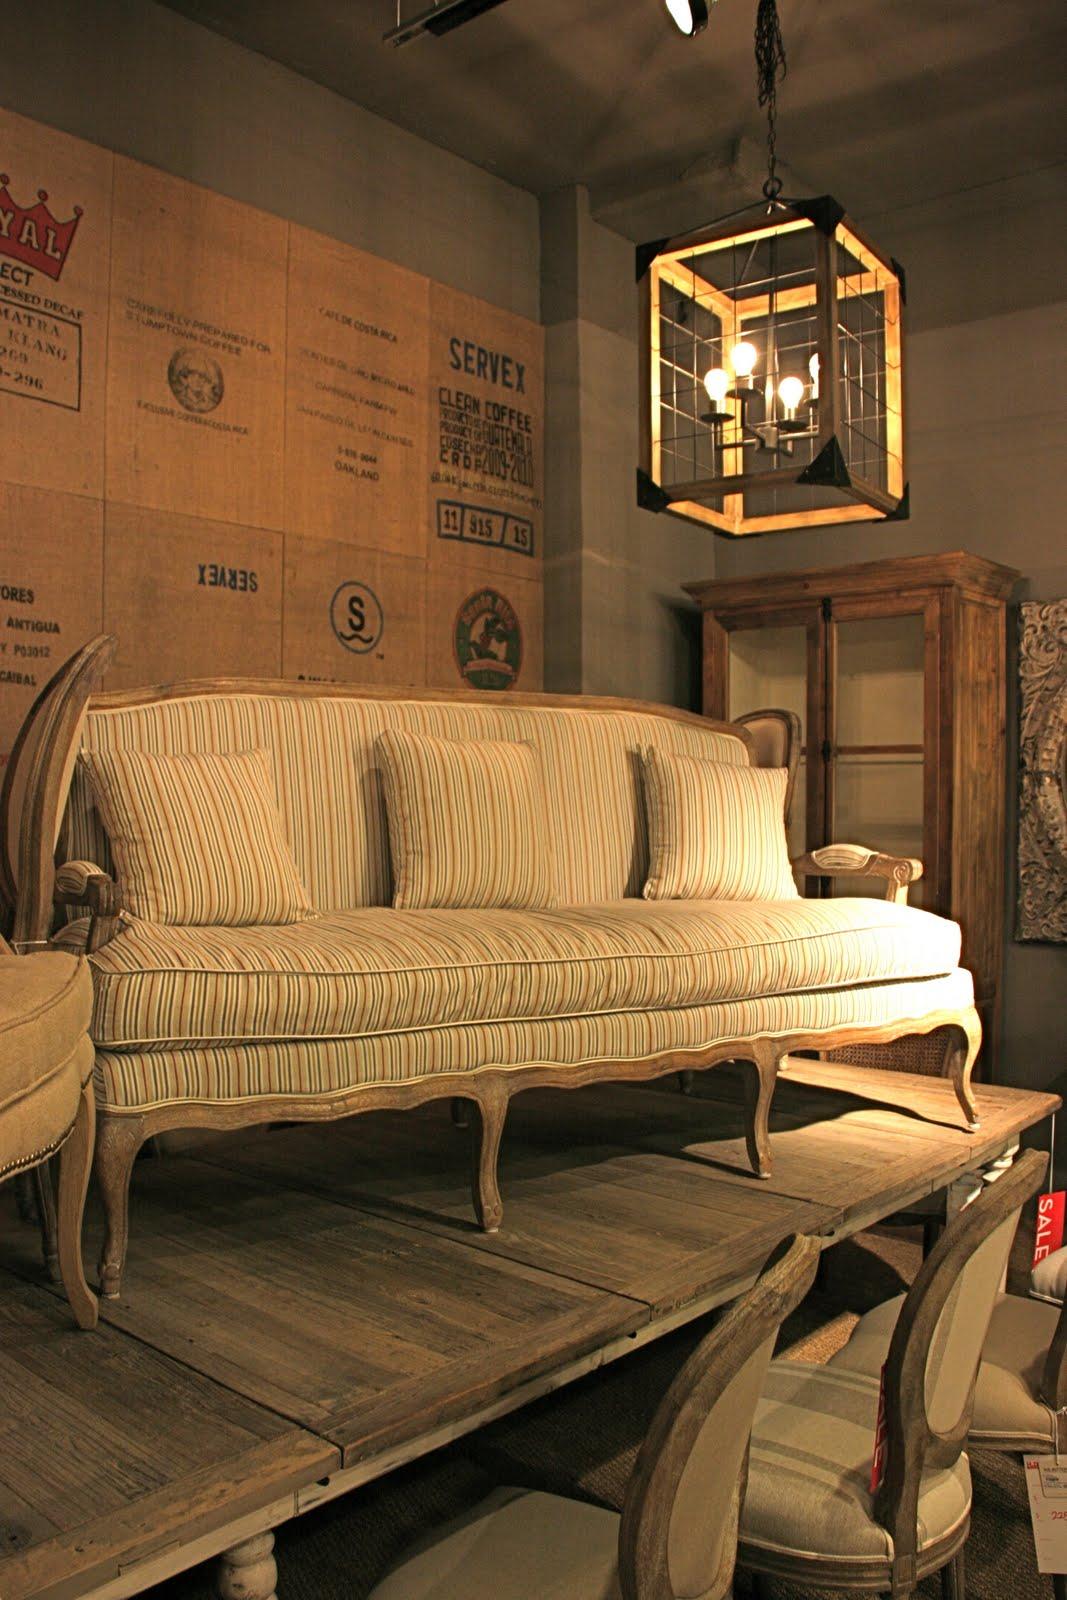 vignette design H D Buttercup The Furniture Marketplace